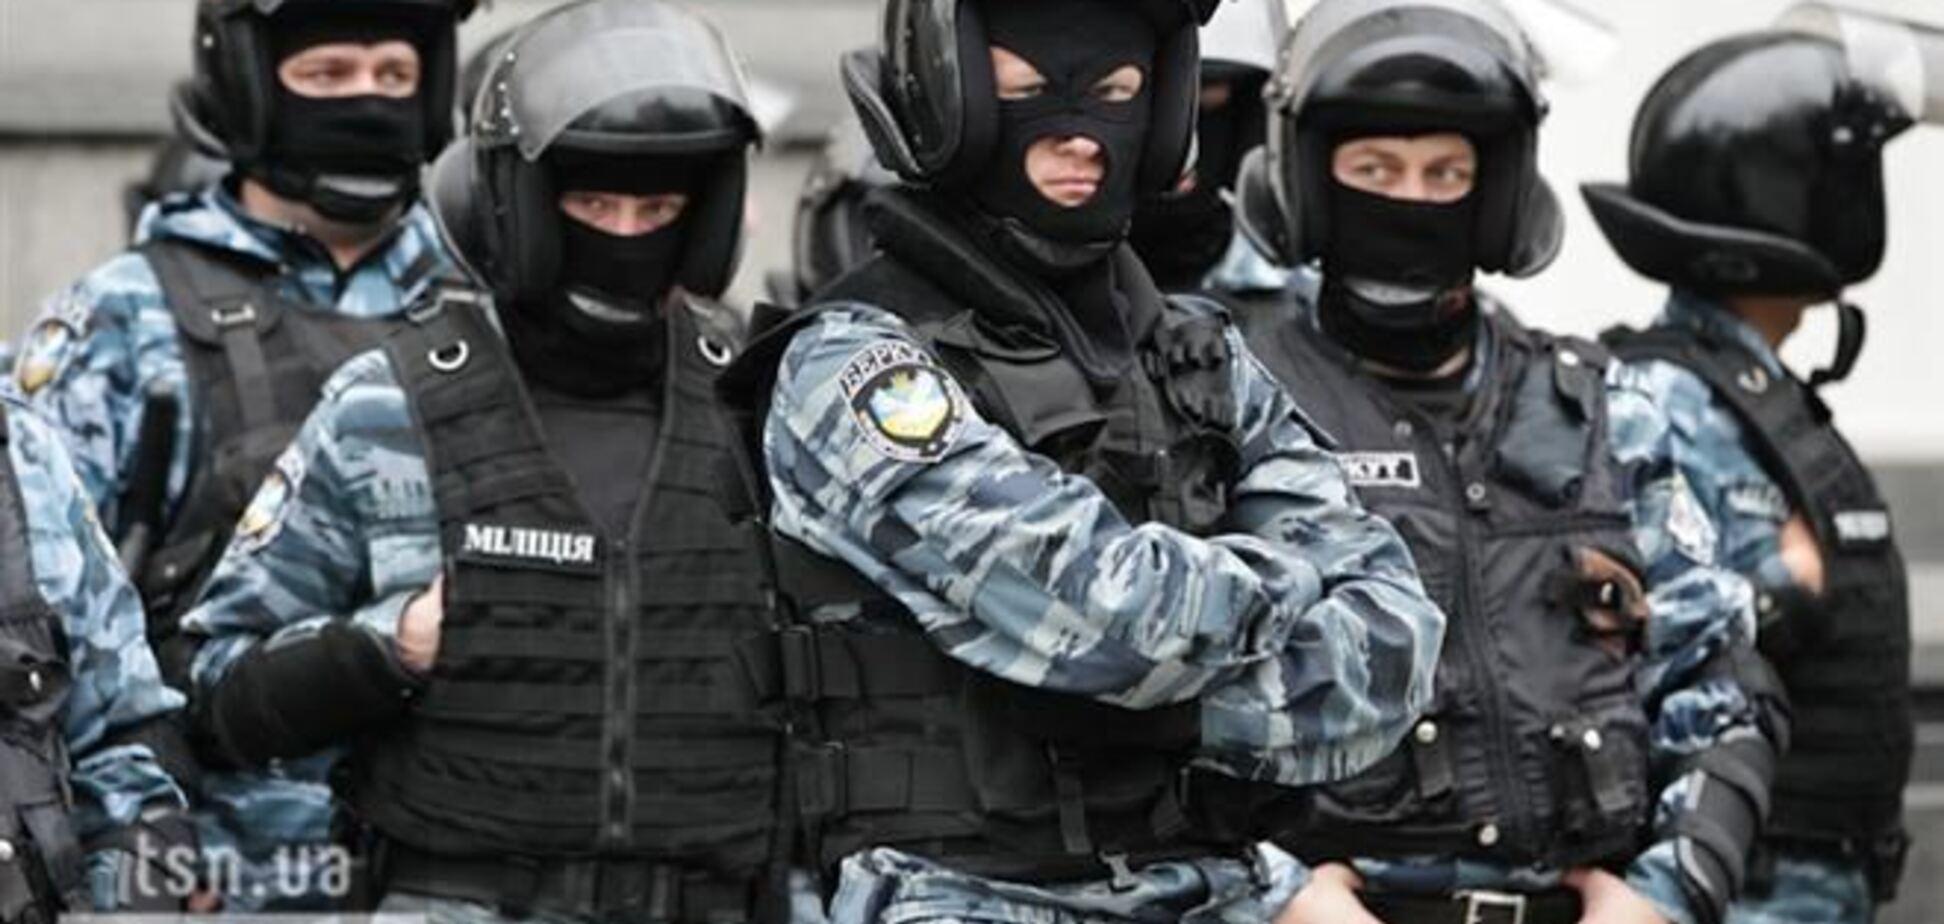 Киевский Евромайдан разогнал 'Беркут' из Луганска, Донецка и Крыма – СМИ